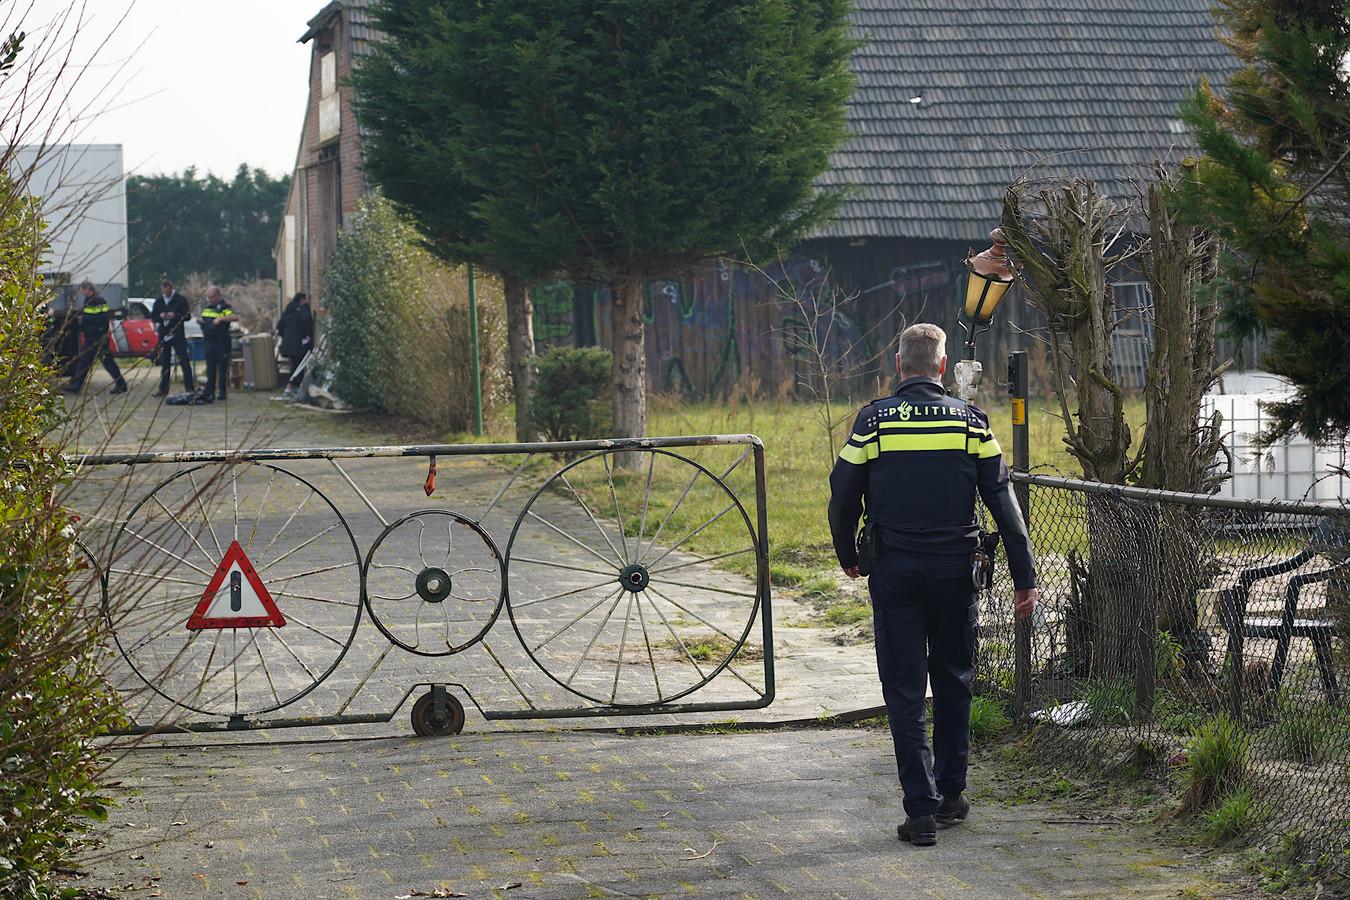 De inval op het terrein vanJan B. in Hulten.